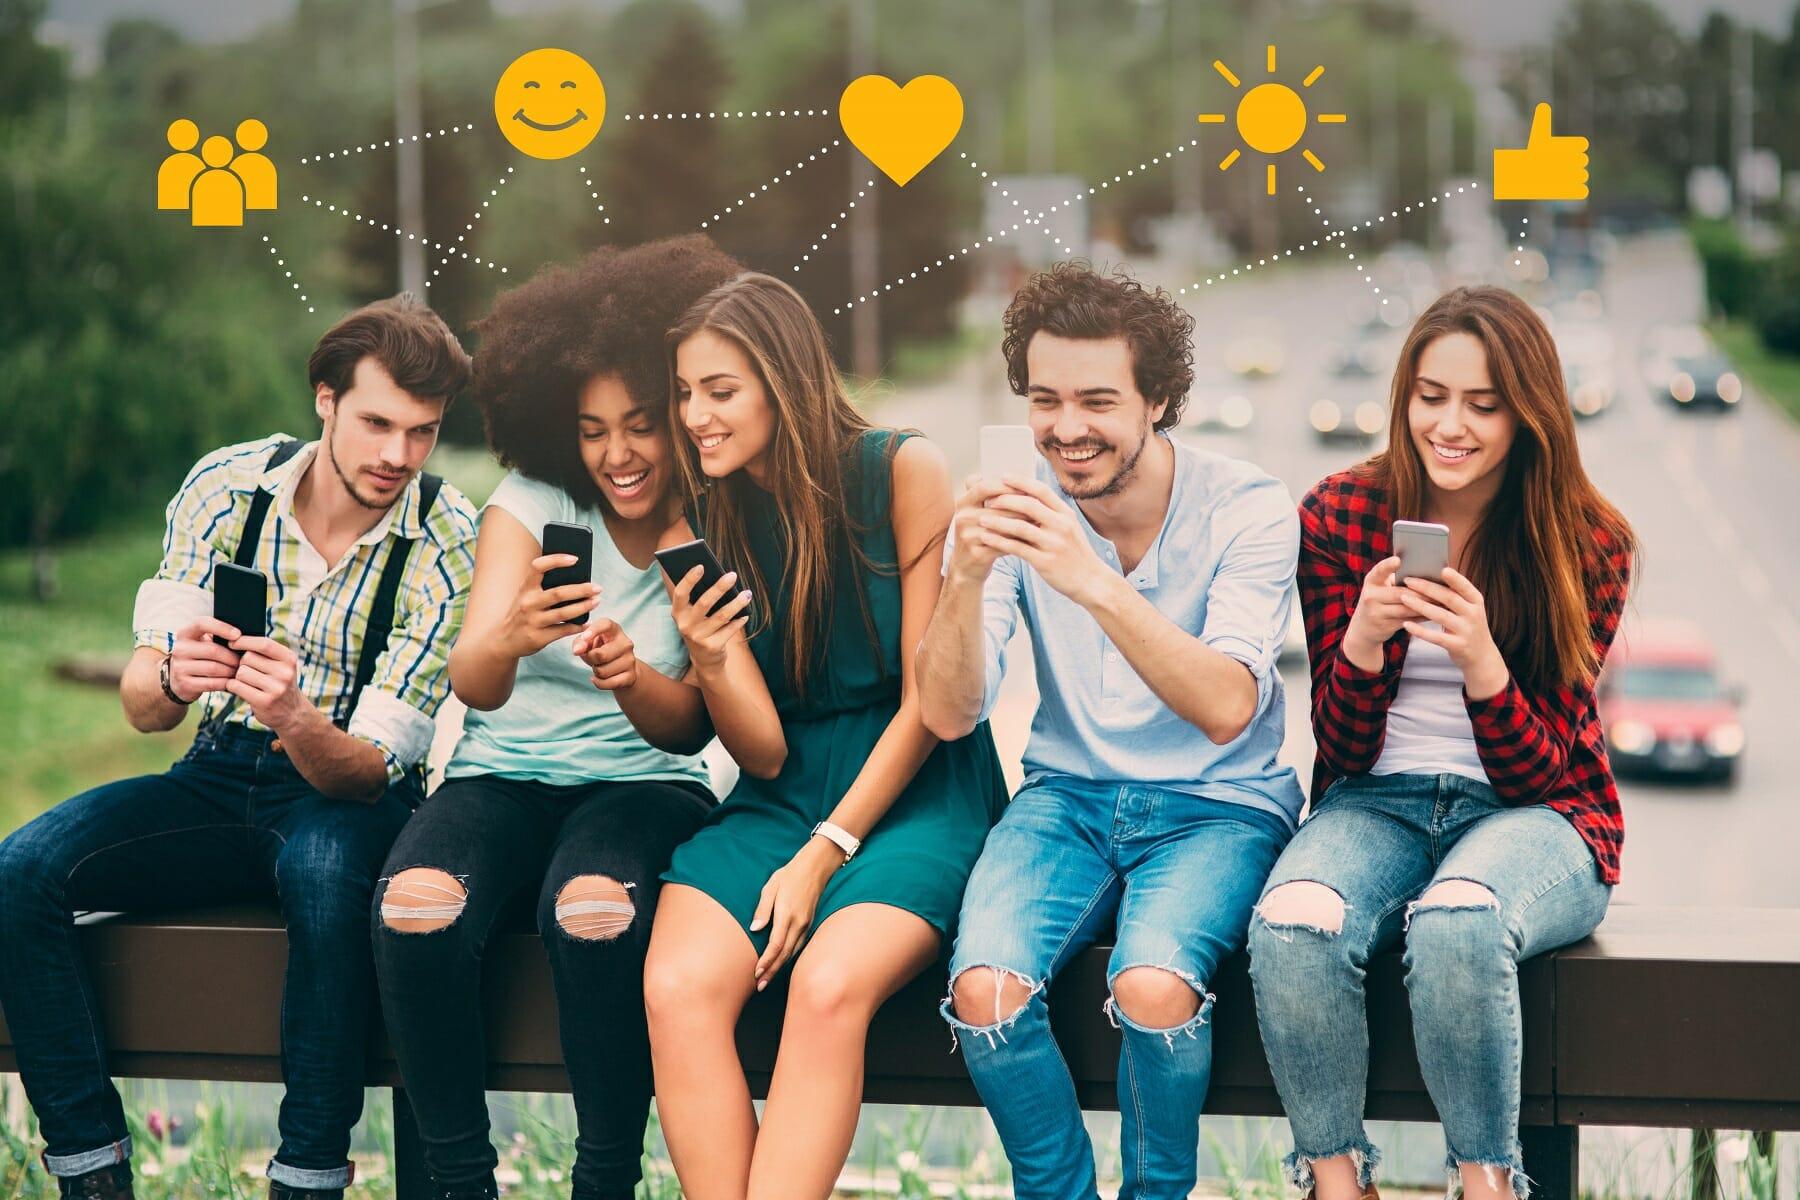 online health communities